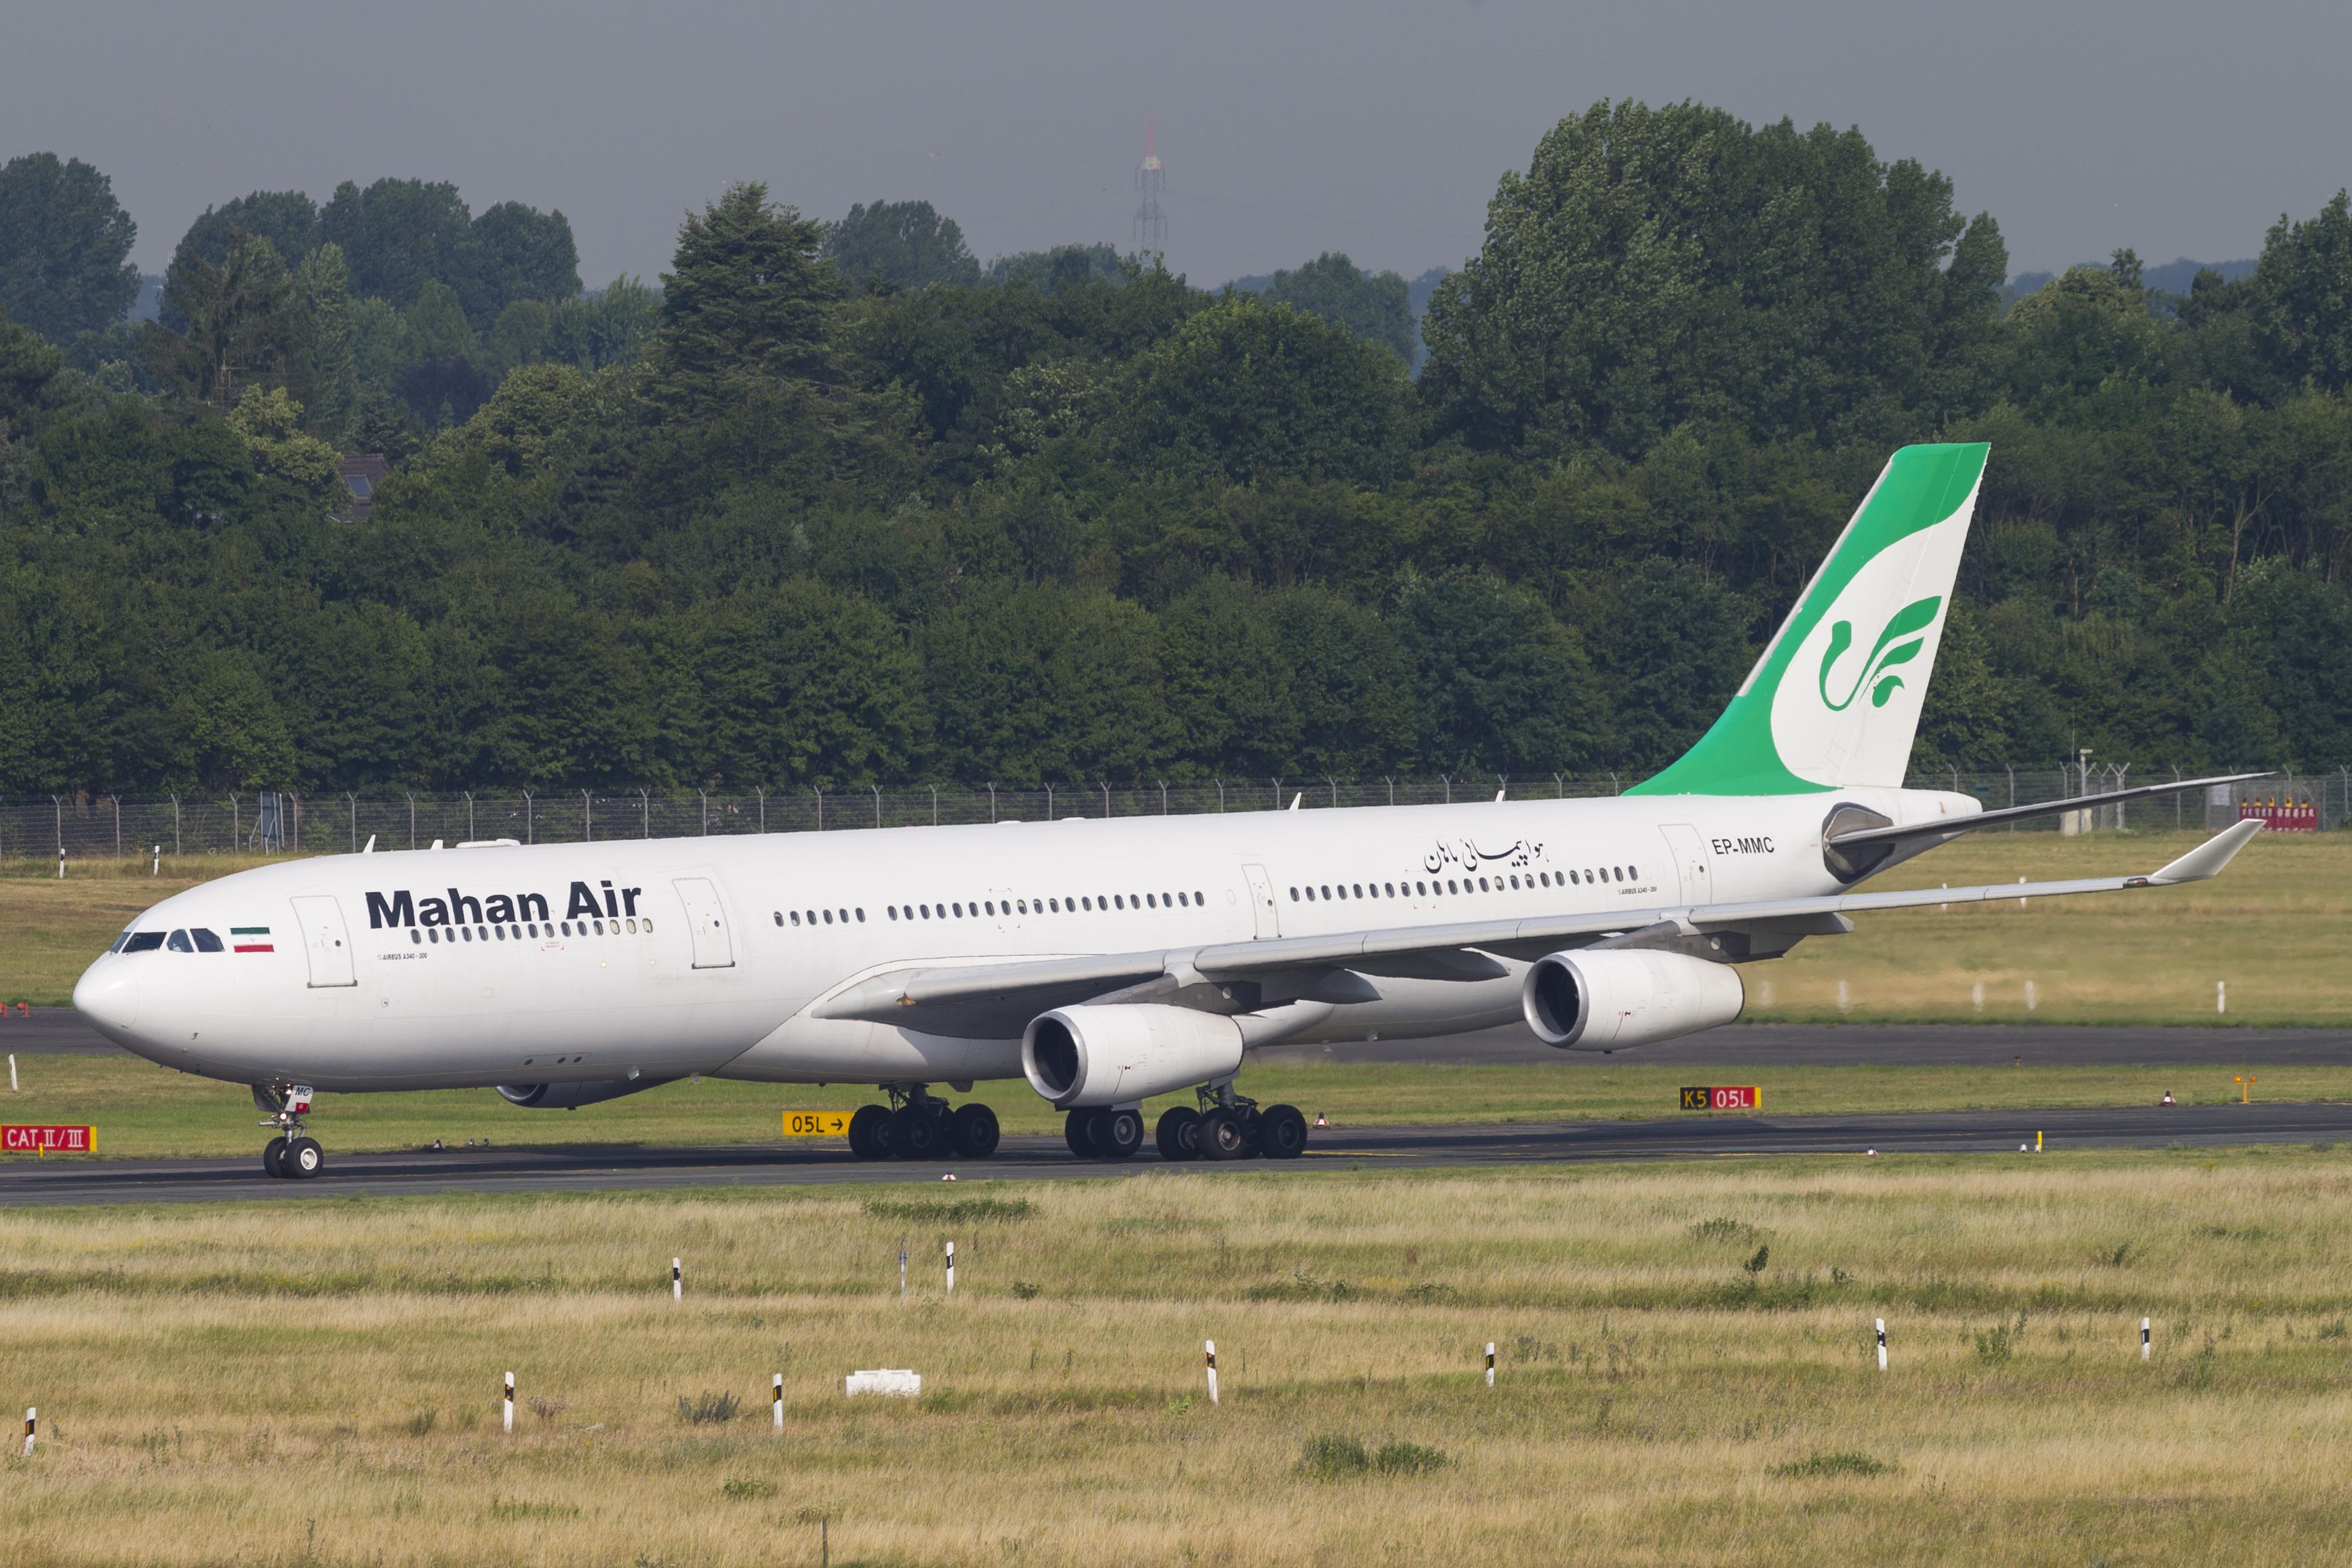 En Airbus A340-300 fra det iranske flyselskab Mahan Air. Foto: © Thorbjørn Brunander Sund, Danish Aviation Photo